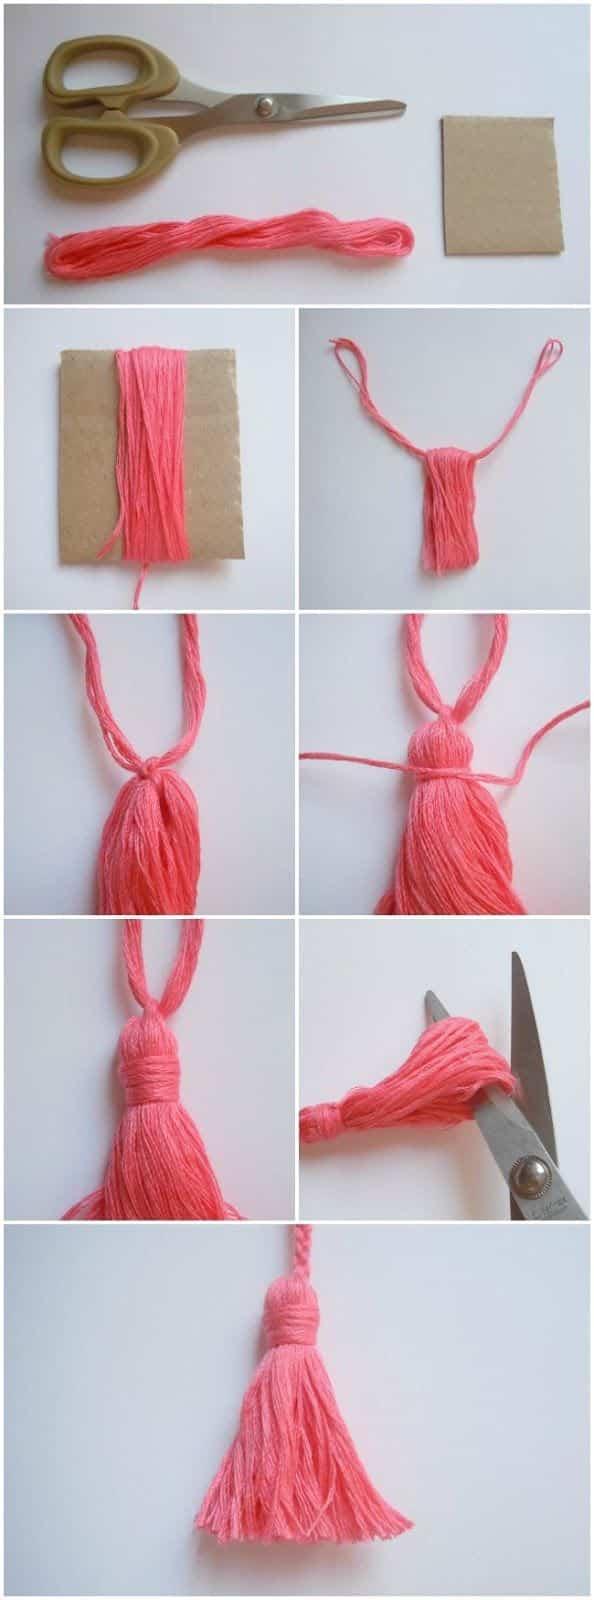 Borla de lana para hacer en casa paso a paso - Ideas para porras ...